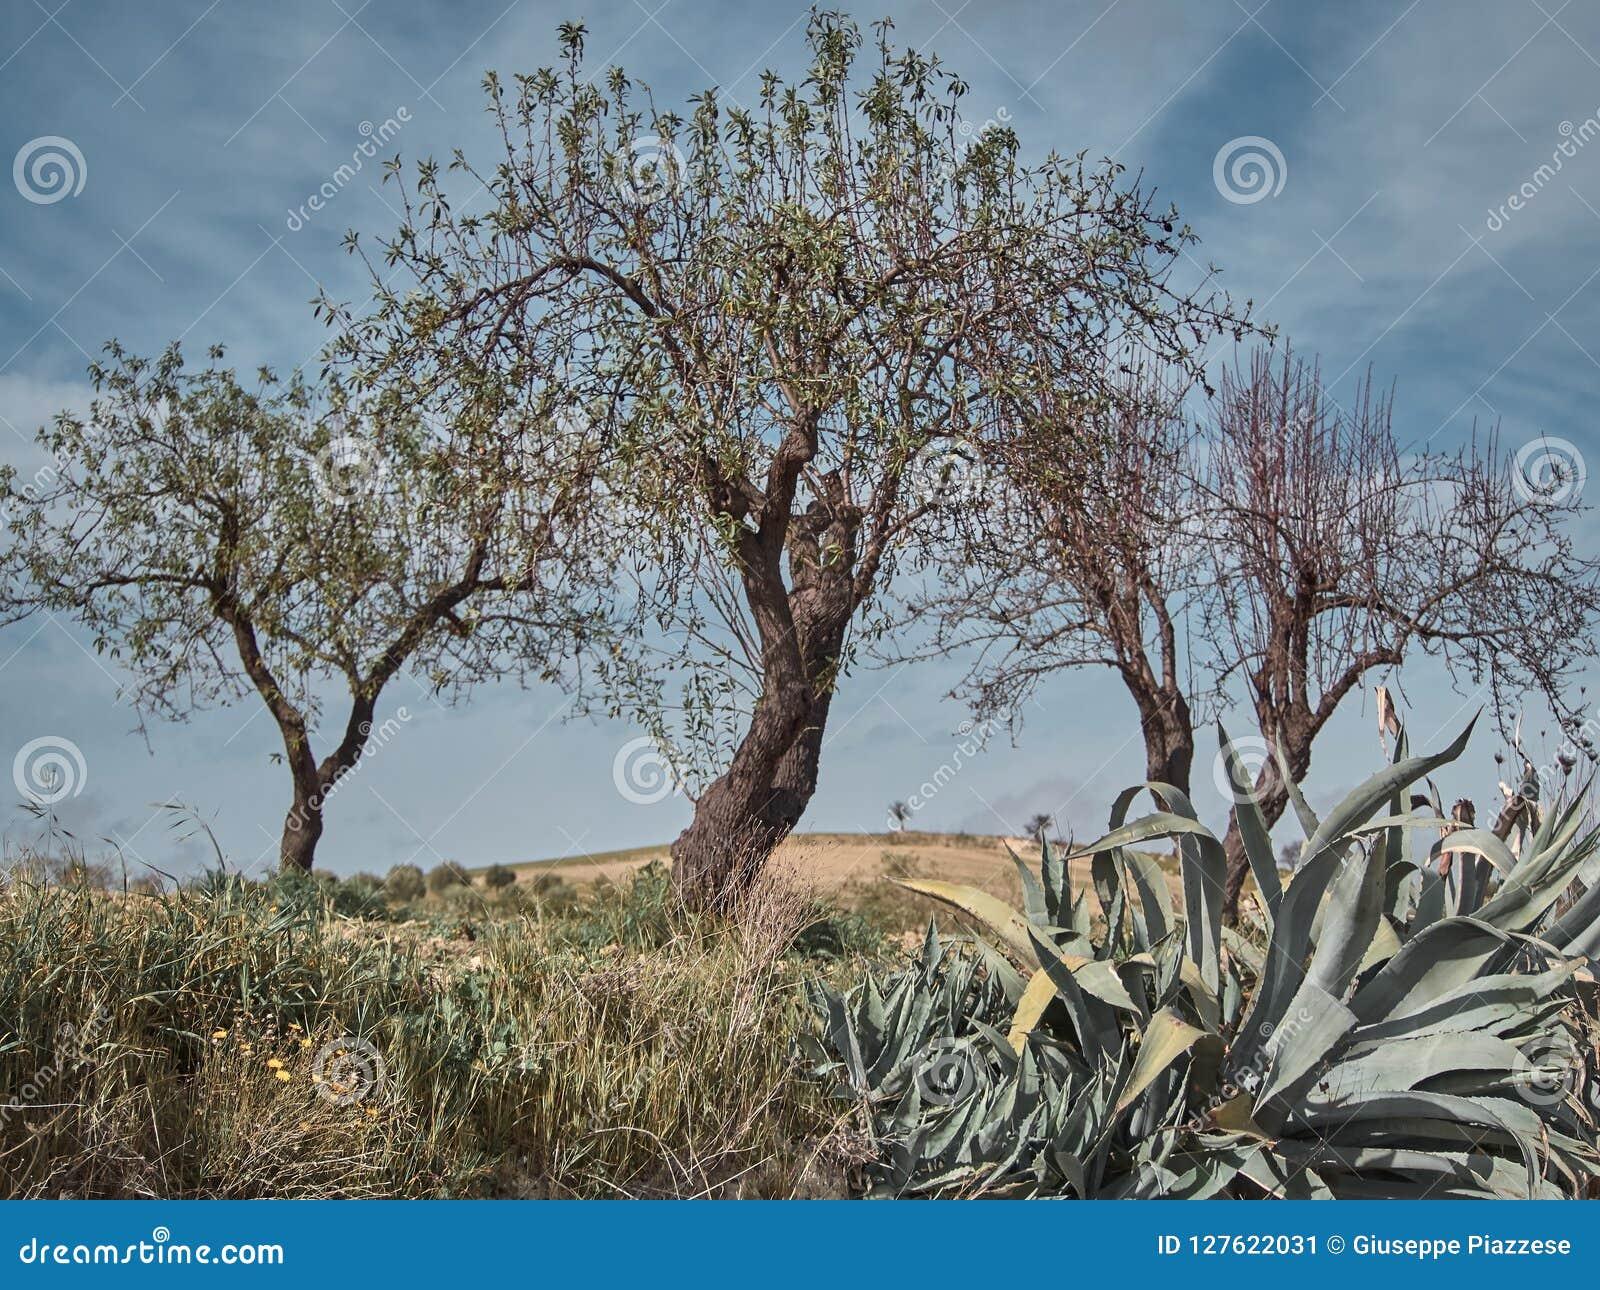 Disparado de um ambiente rural com árvores de azeitonas